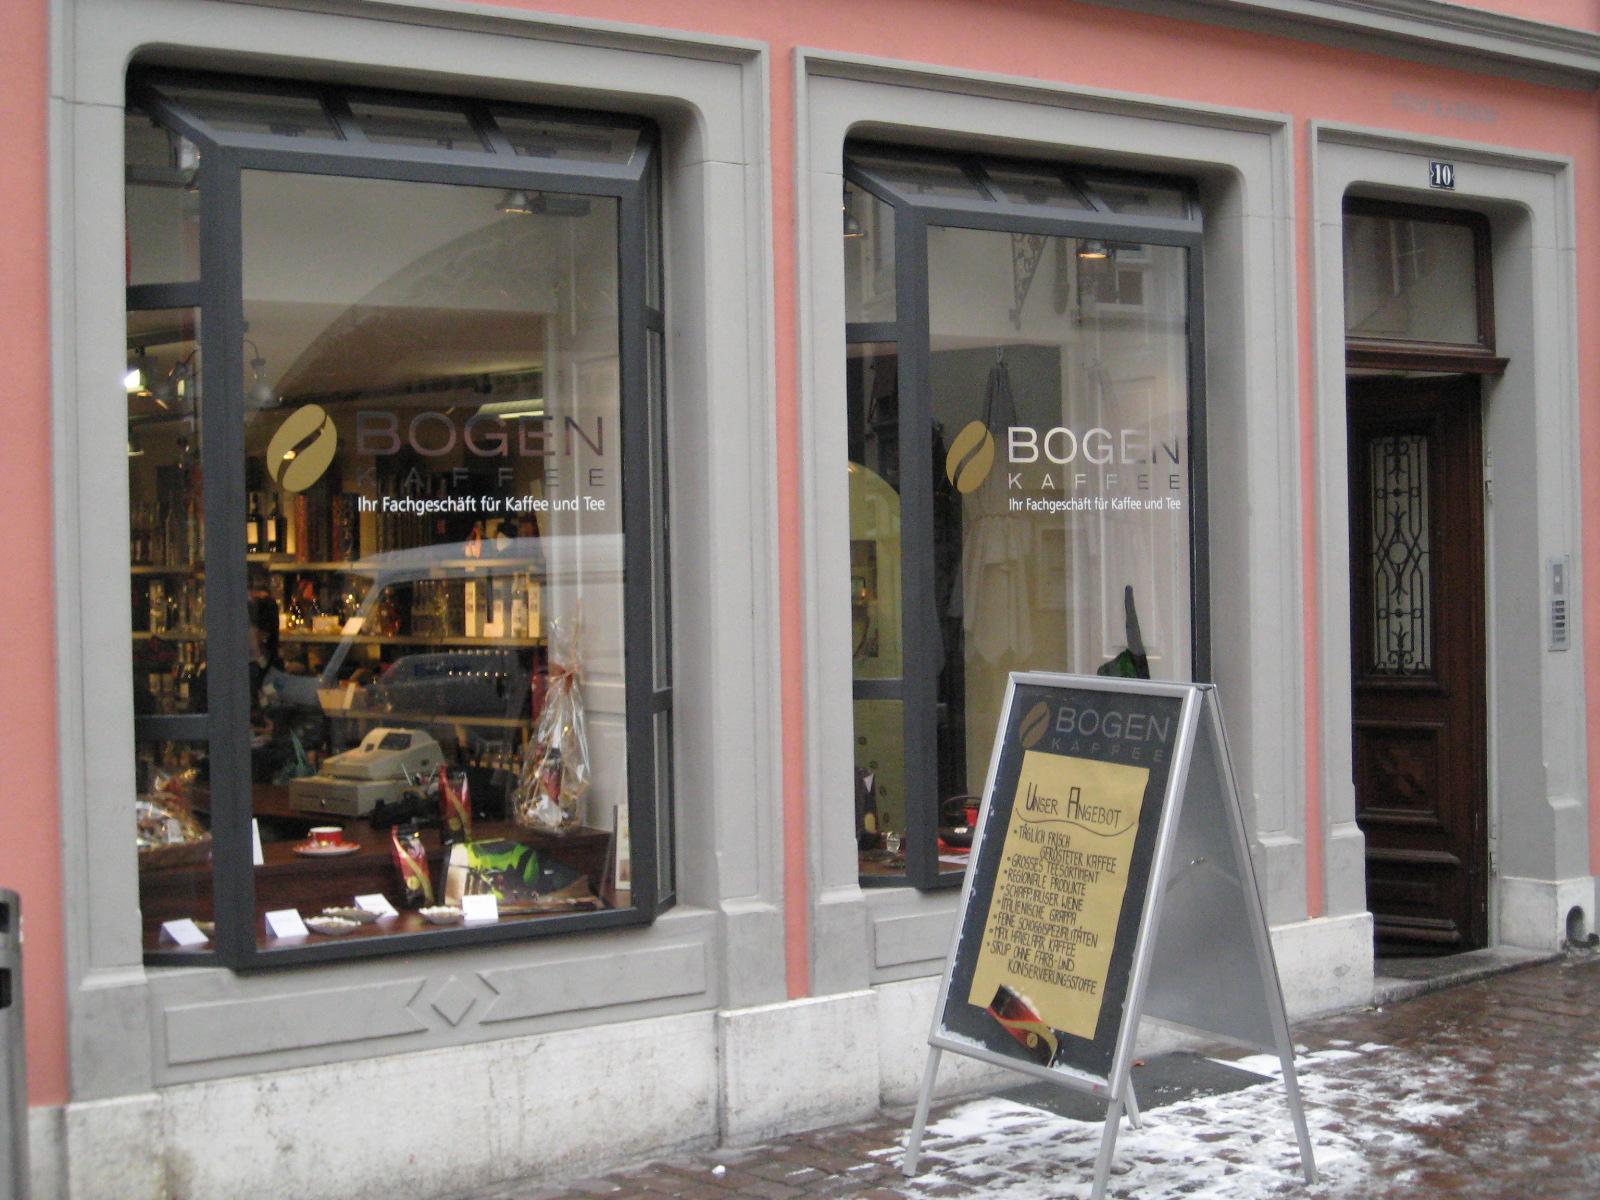 Das Kaffeegeschäft in der Schaffhauser Vorstadt 10